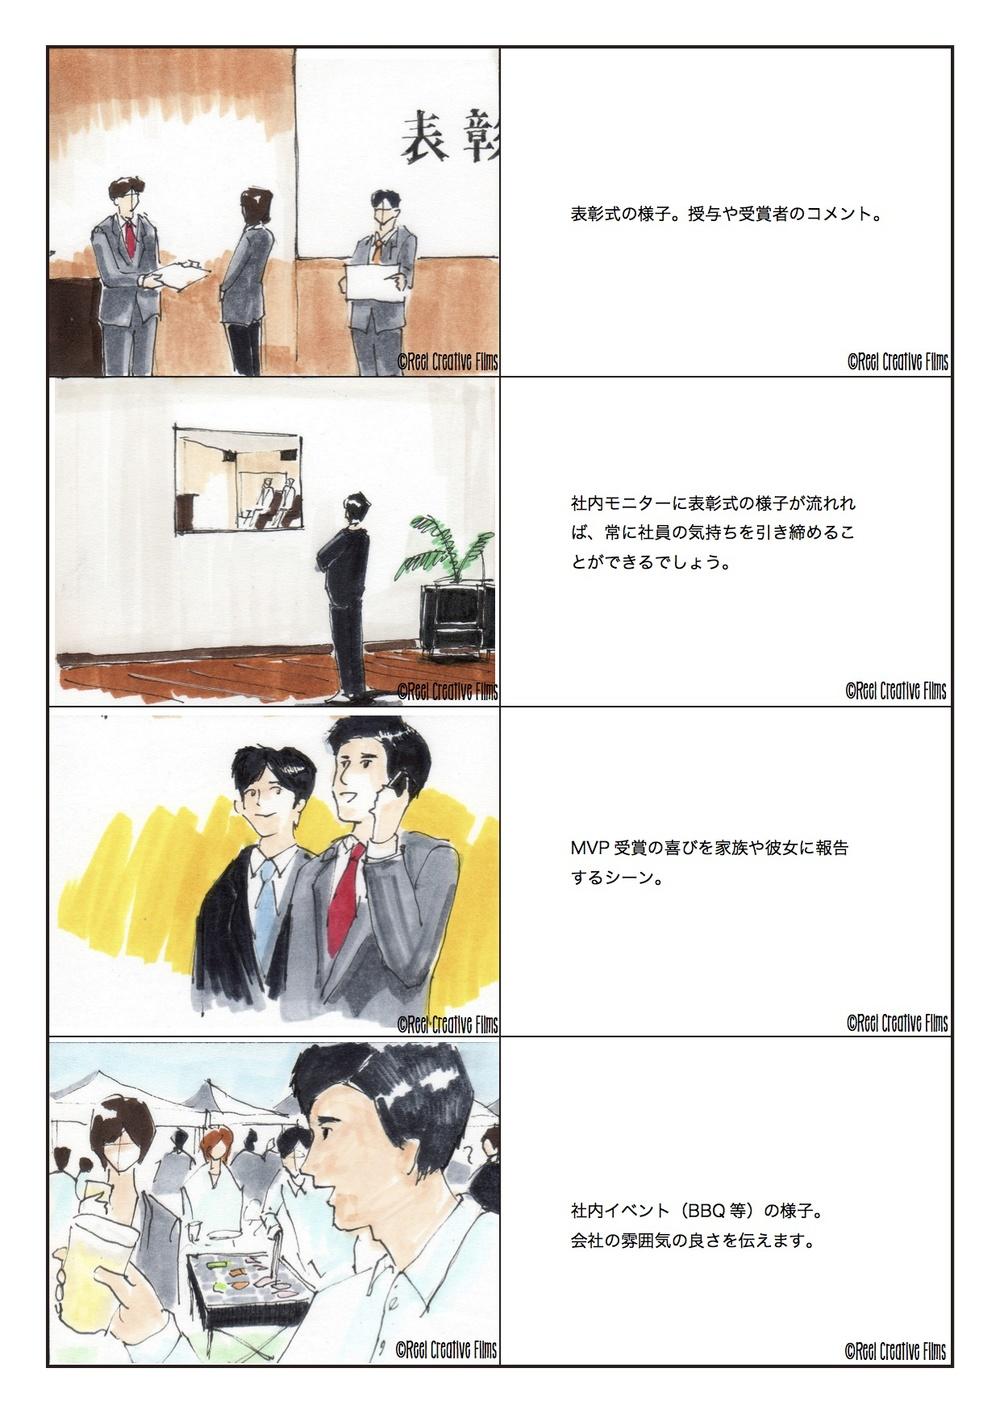 (図B)社内イベント